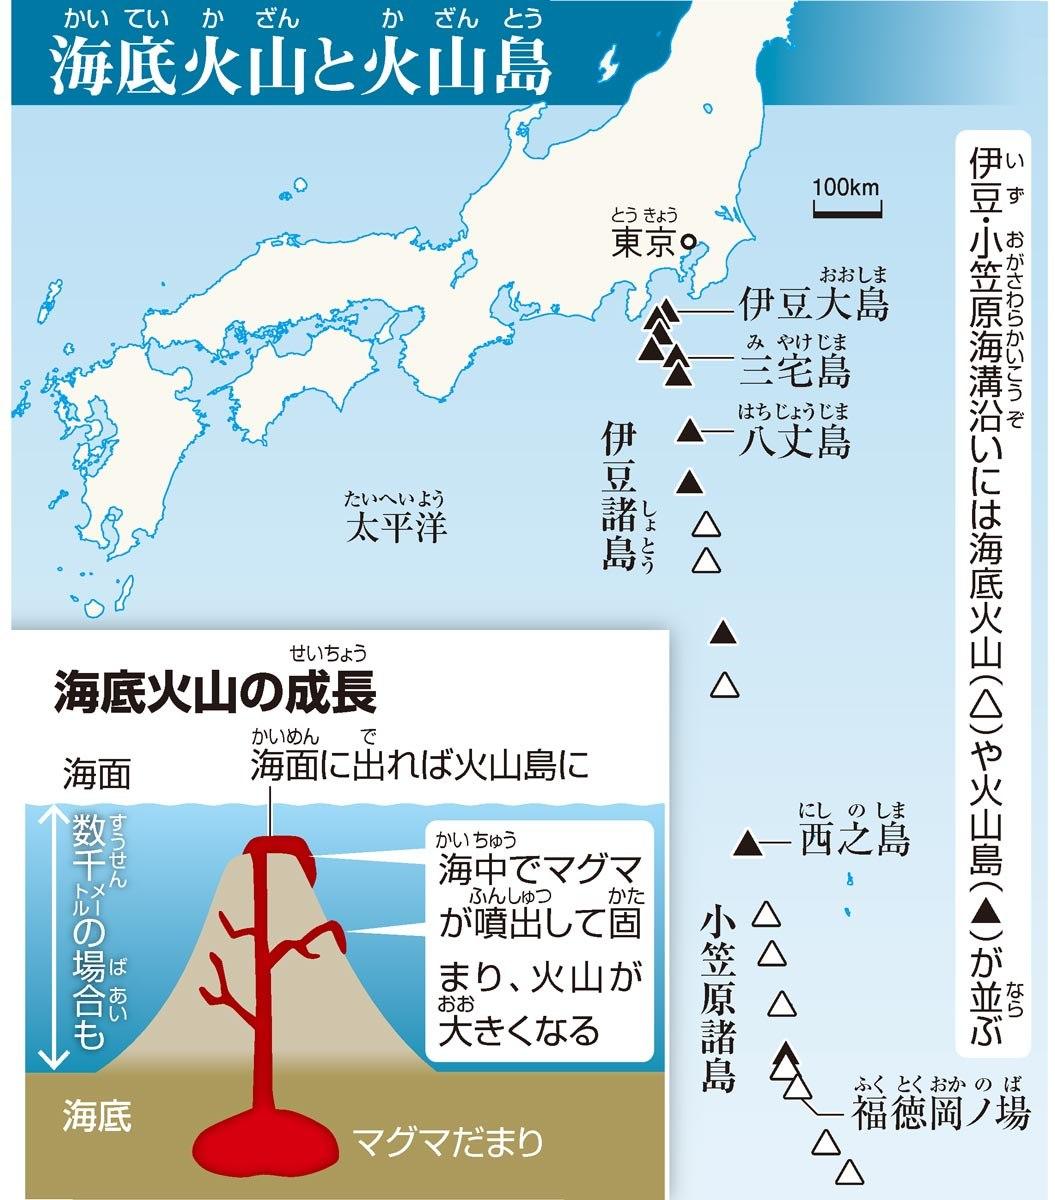 海底火山(かいていかざん)と火山島(かざんとう)/海底火山の成長(せいちょう)